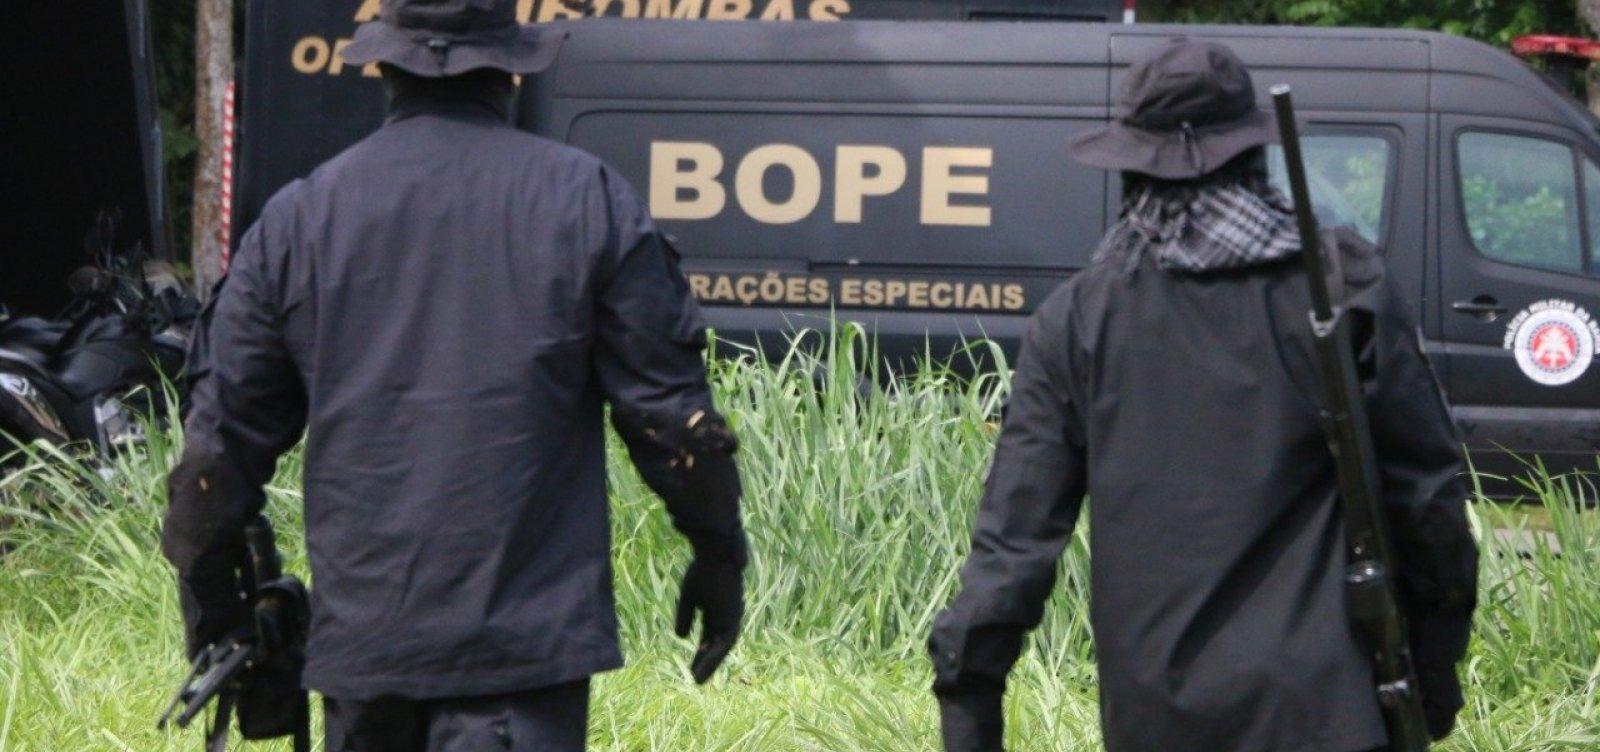 [Número de roubos a bancos tem queda de 31% na Bahia, segundo SSP]